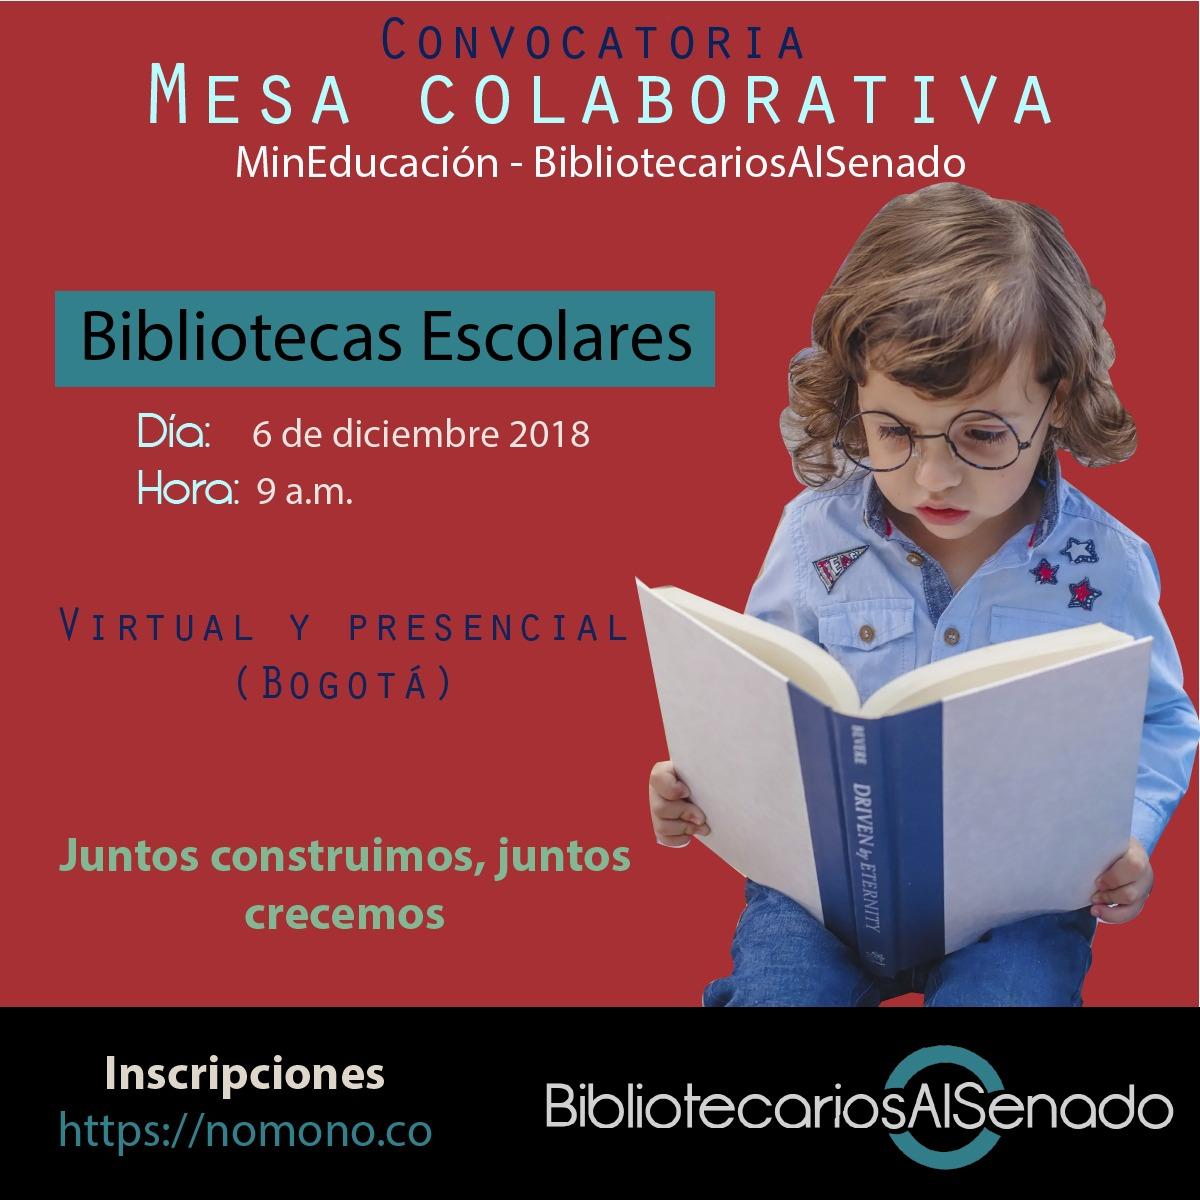 Convocatoria a la Mesa colaborativa sobre bibliotecas escolares del Ministerio de Educación Nacional de Colombia y el Colectivo Bibliotecarios Al Senado